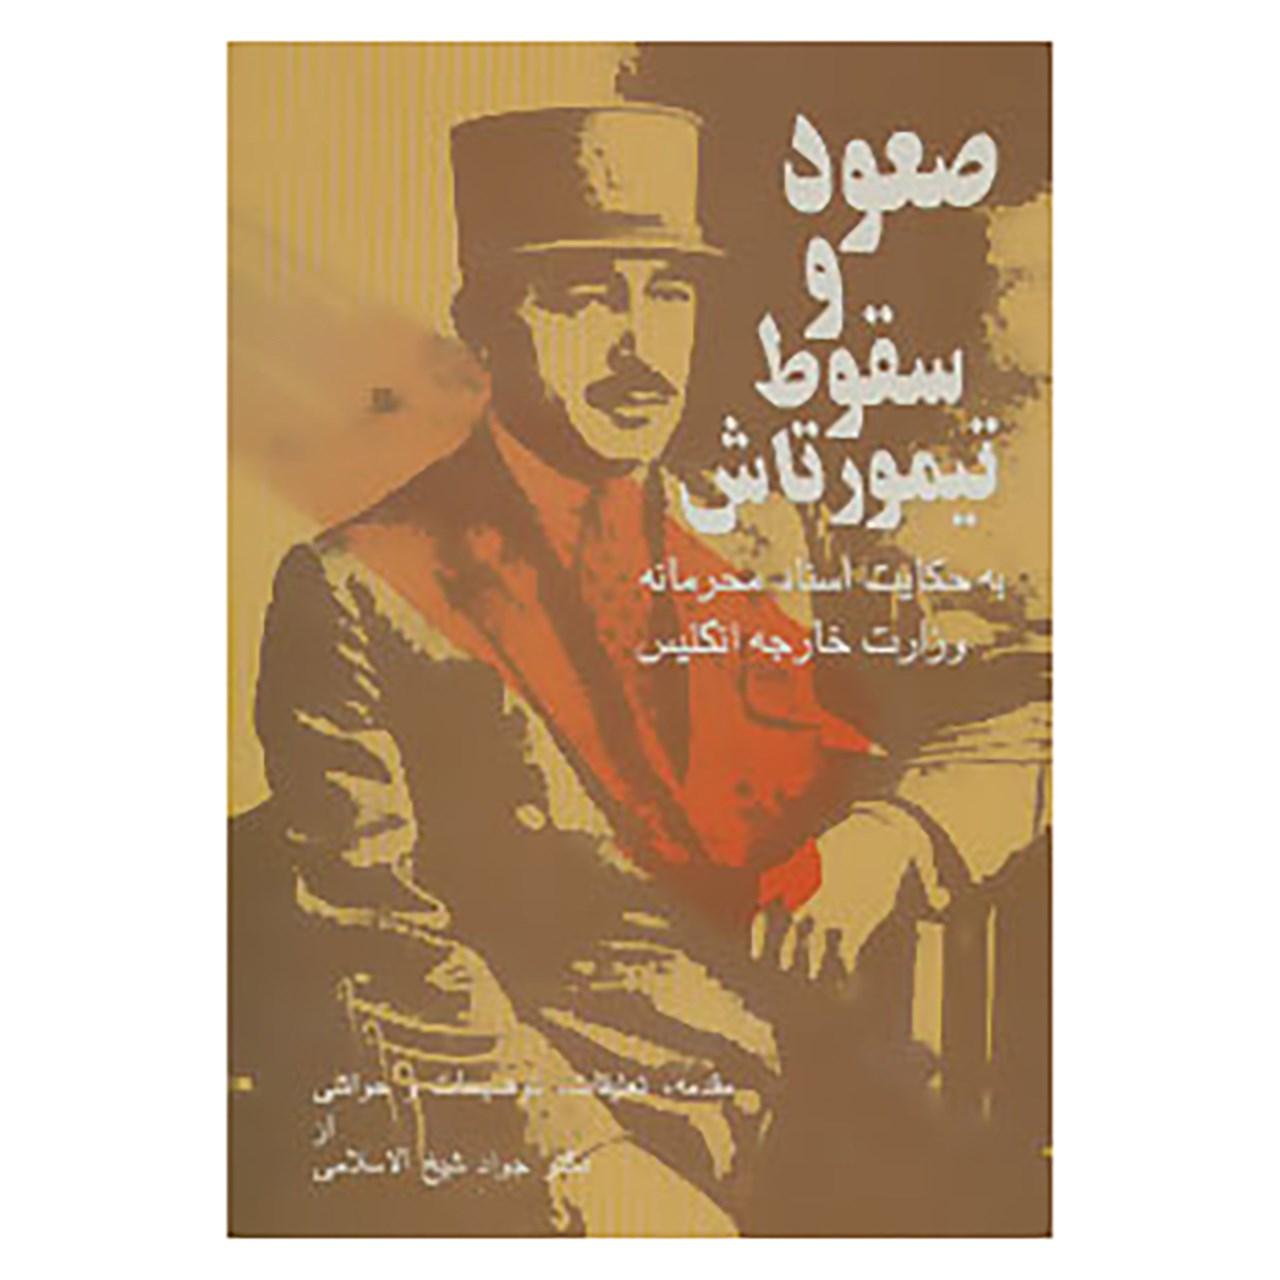 کتاب صعود و سقوط تیمور تاش اثر محمدجواد شیخ الاسلامی